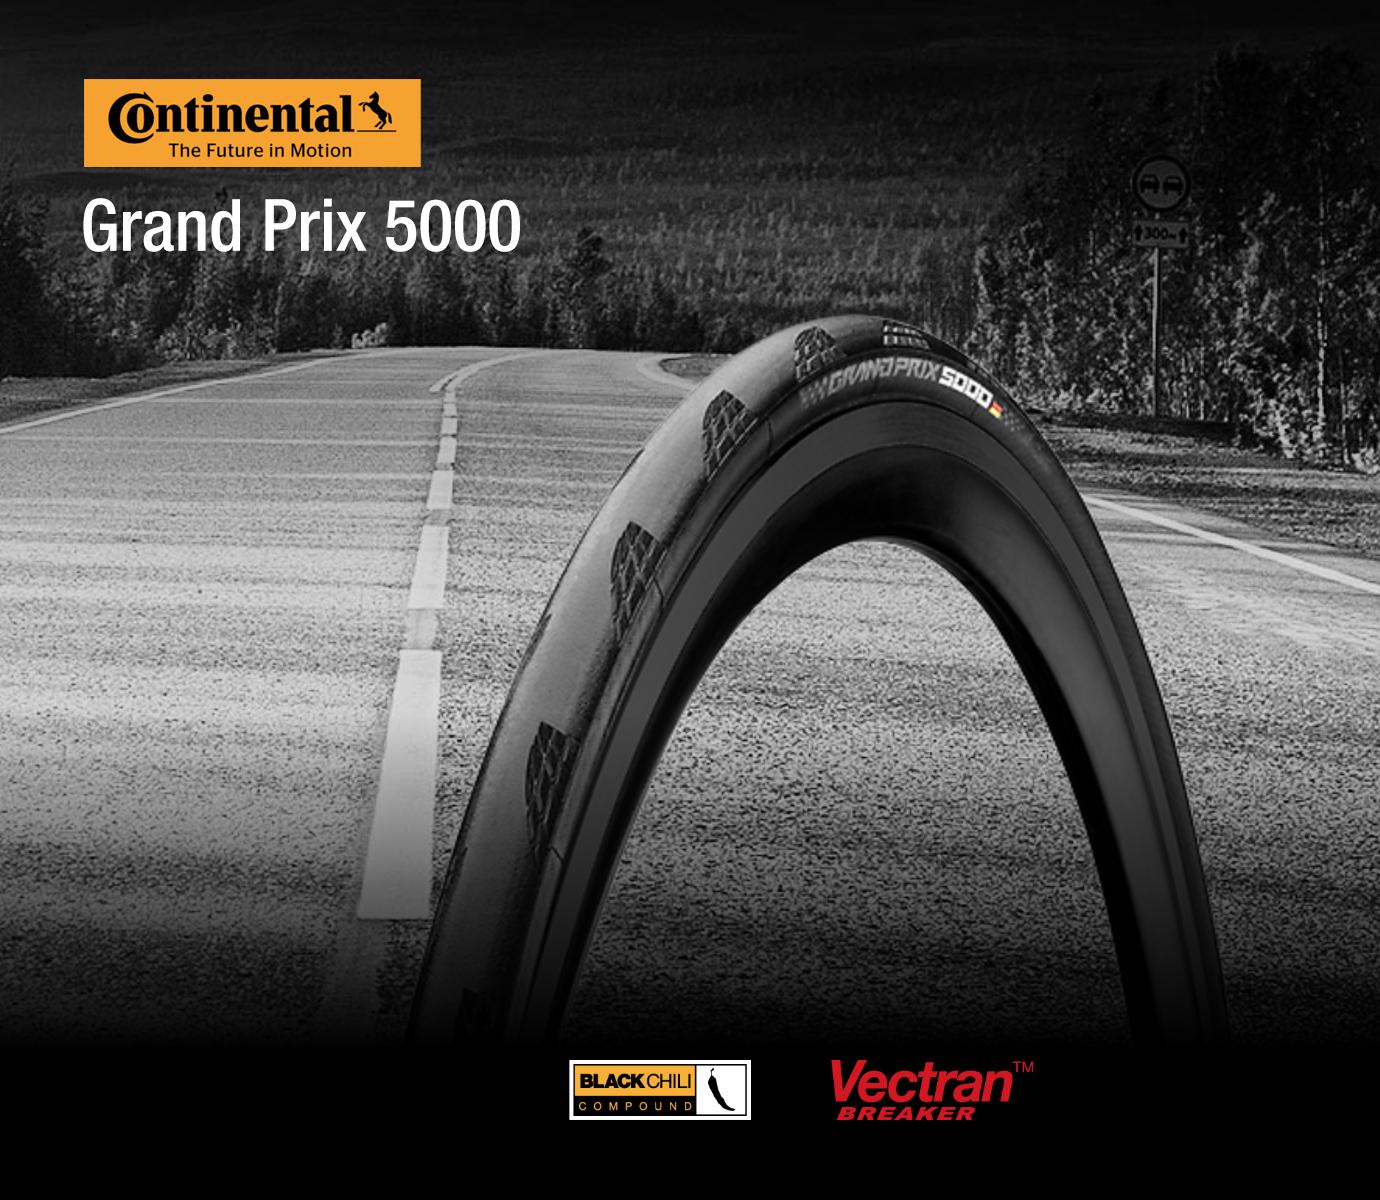 CONTINENTAL | GRAND PRIX 5000